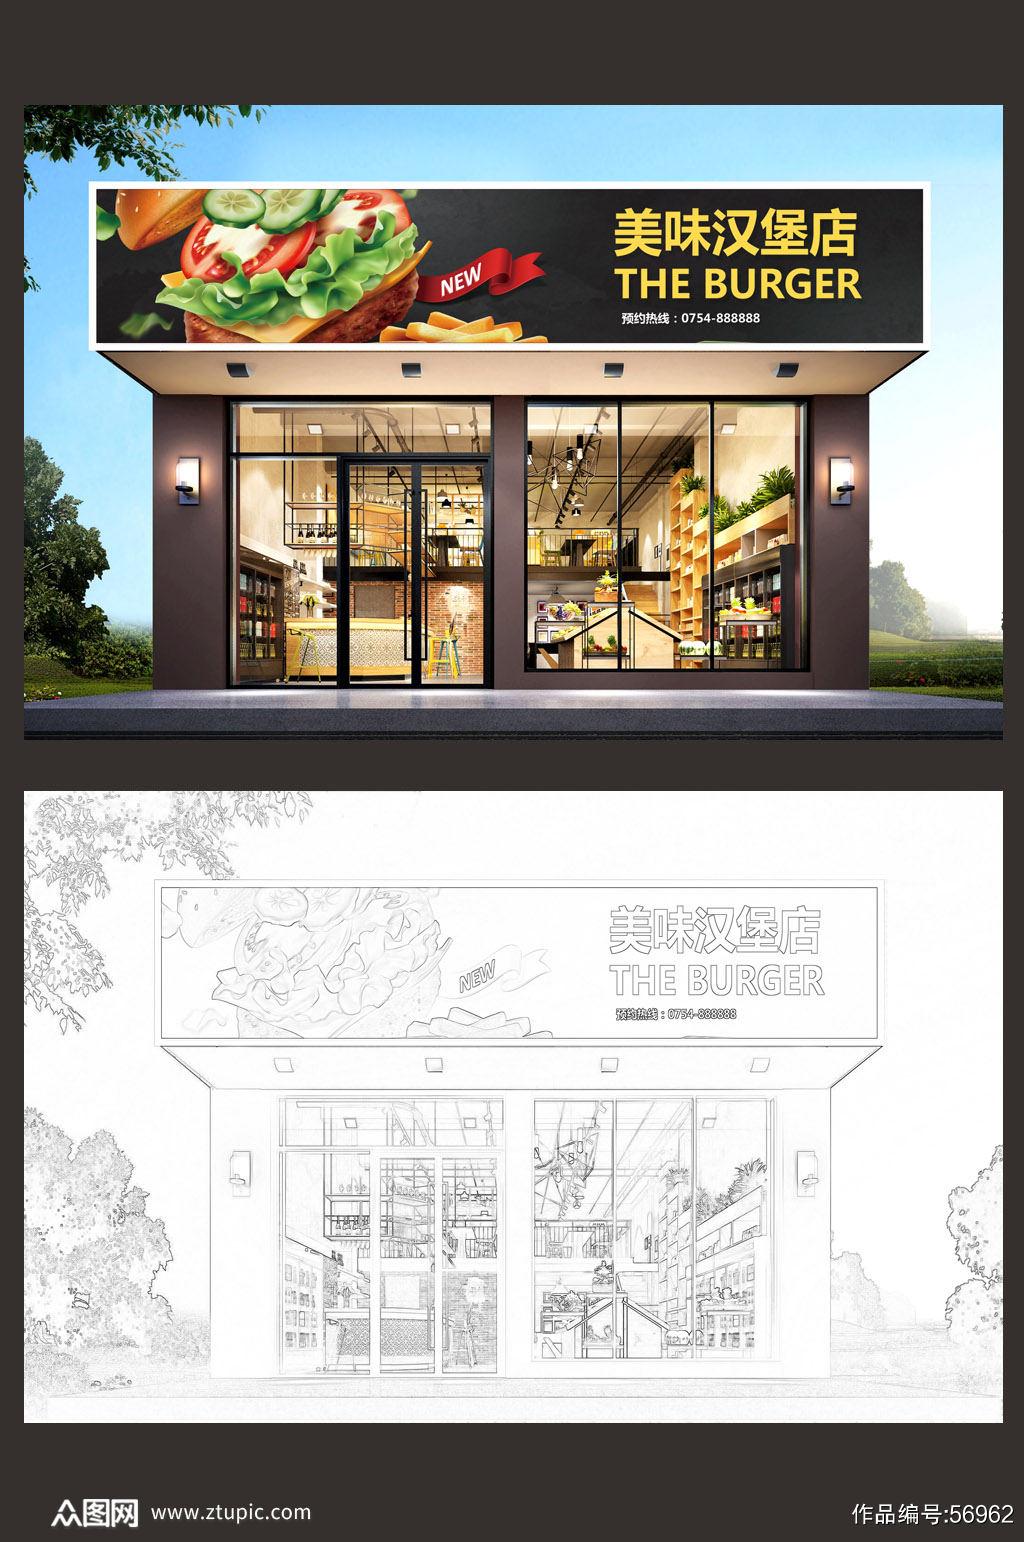 高档炸鸡汉堡店门头设计市集门头素材